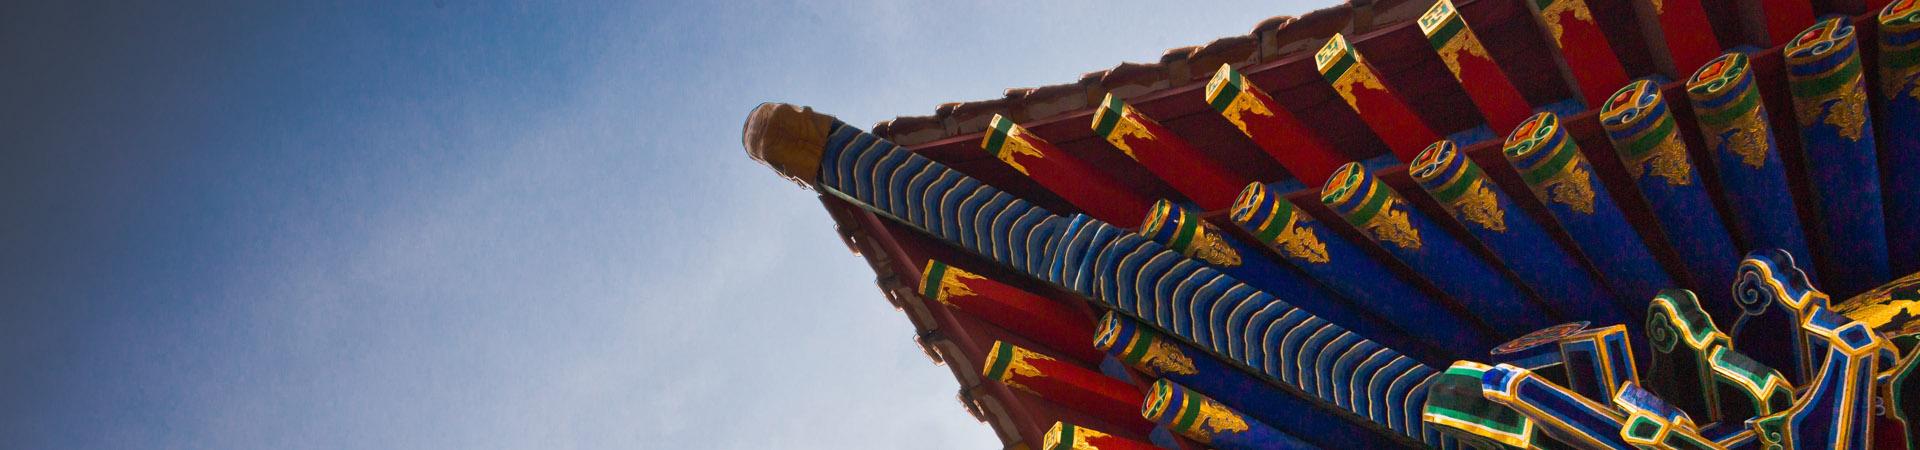 中国风秀禾服复古中式婚礼礼服